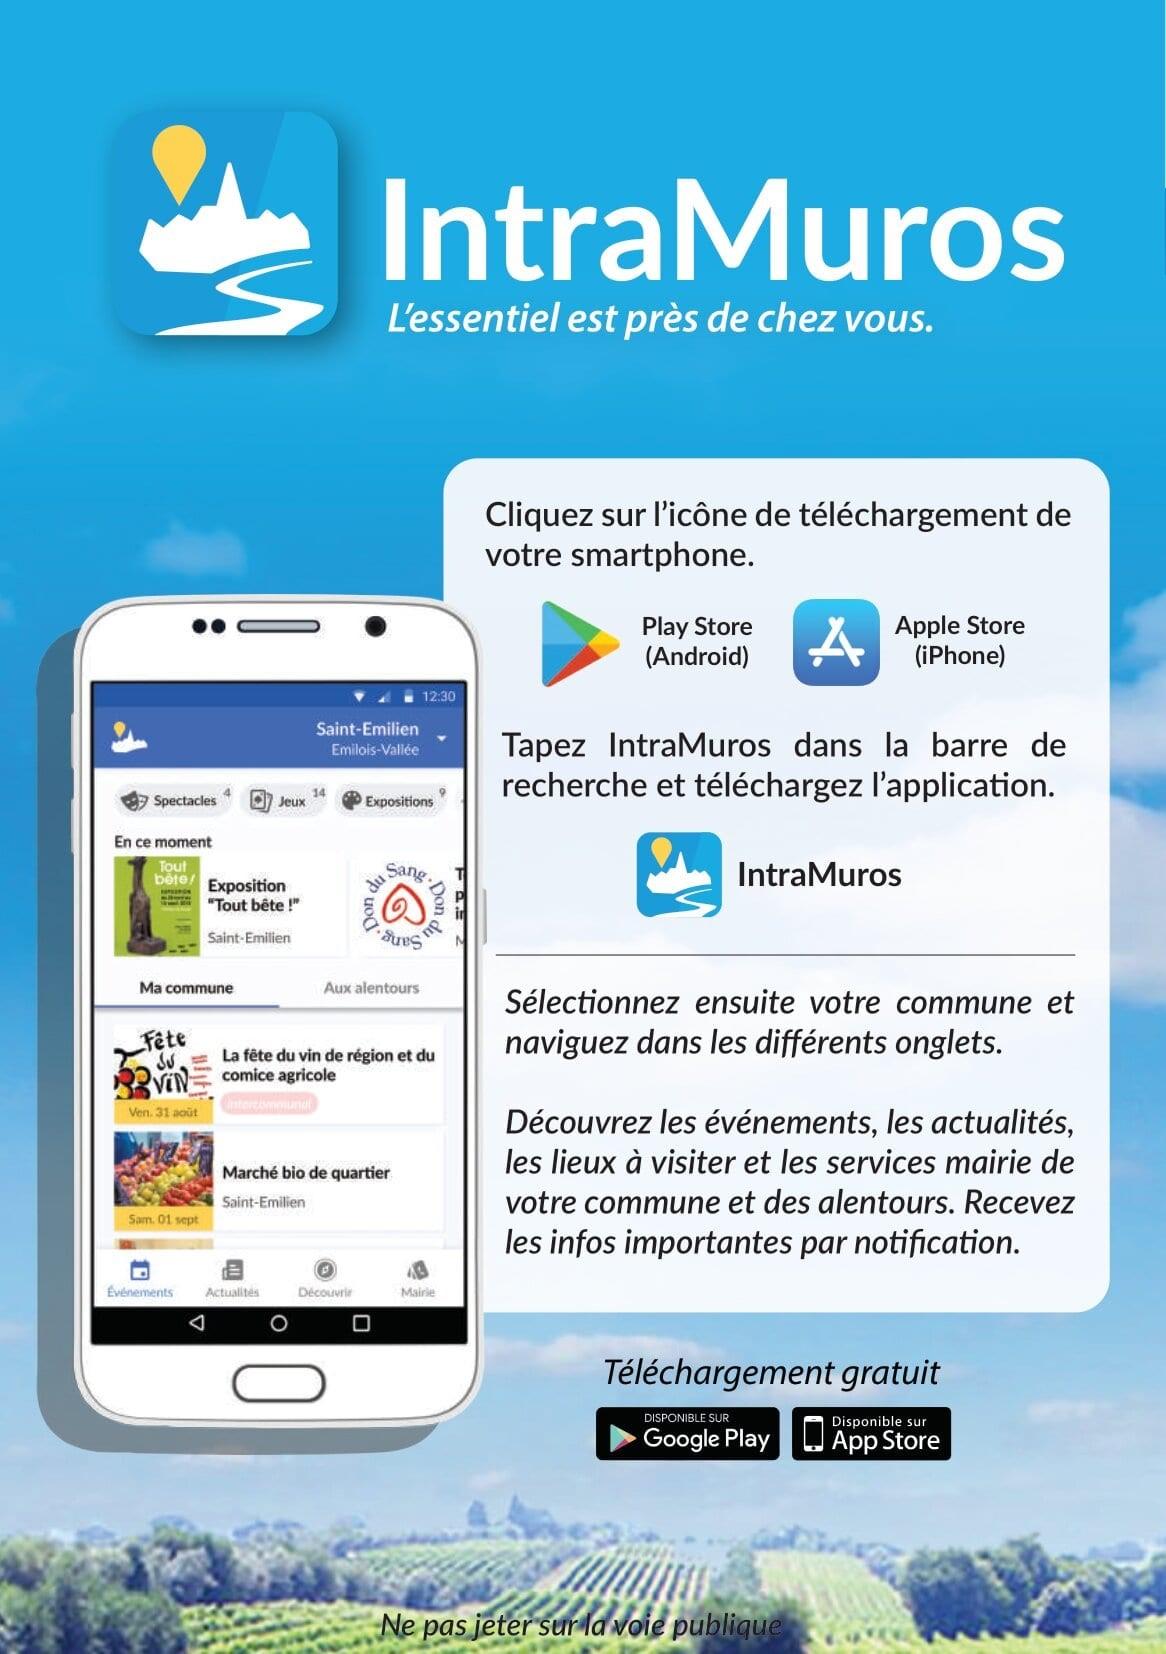 intramuros_procedure_telechargement.jpg